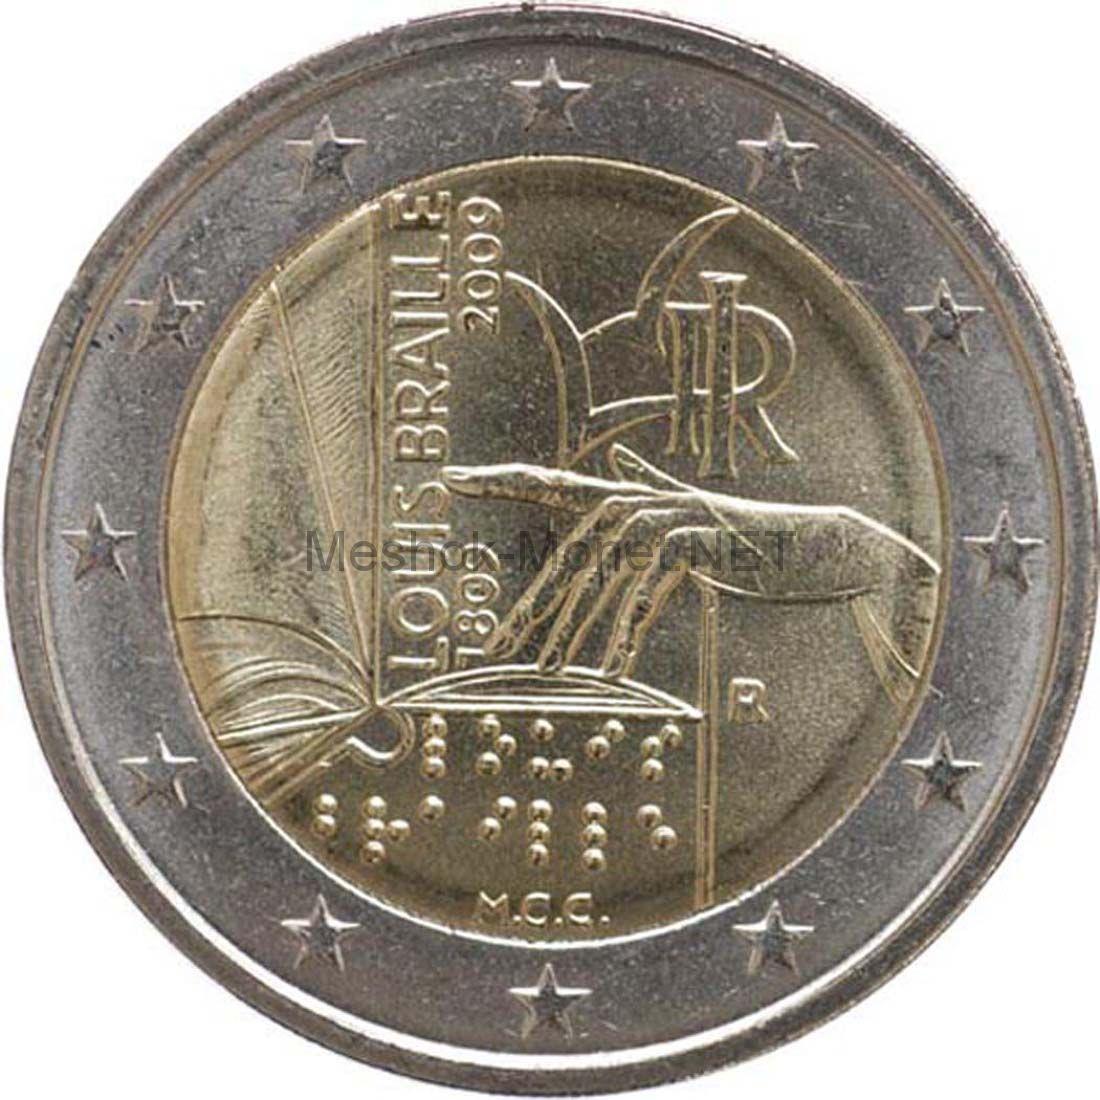 Италия 2 евро 2009, 200 лет со дня рождения Луи Брайля